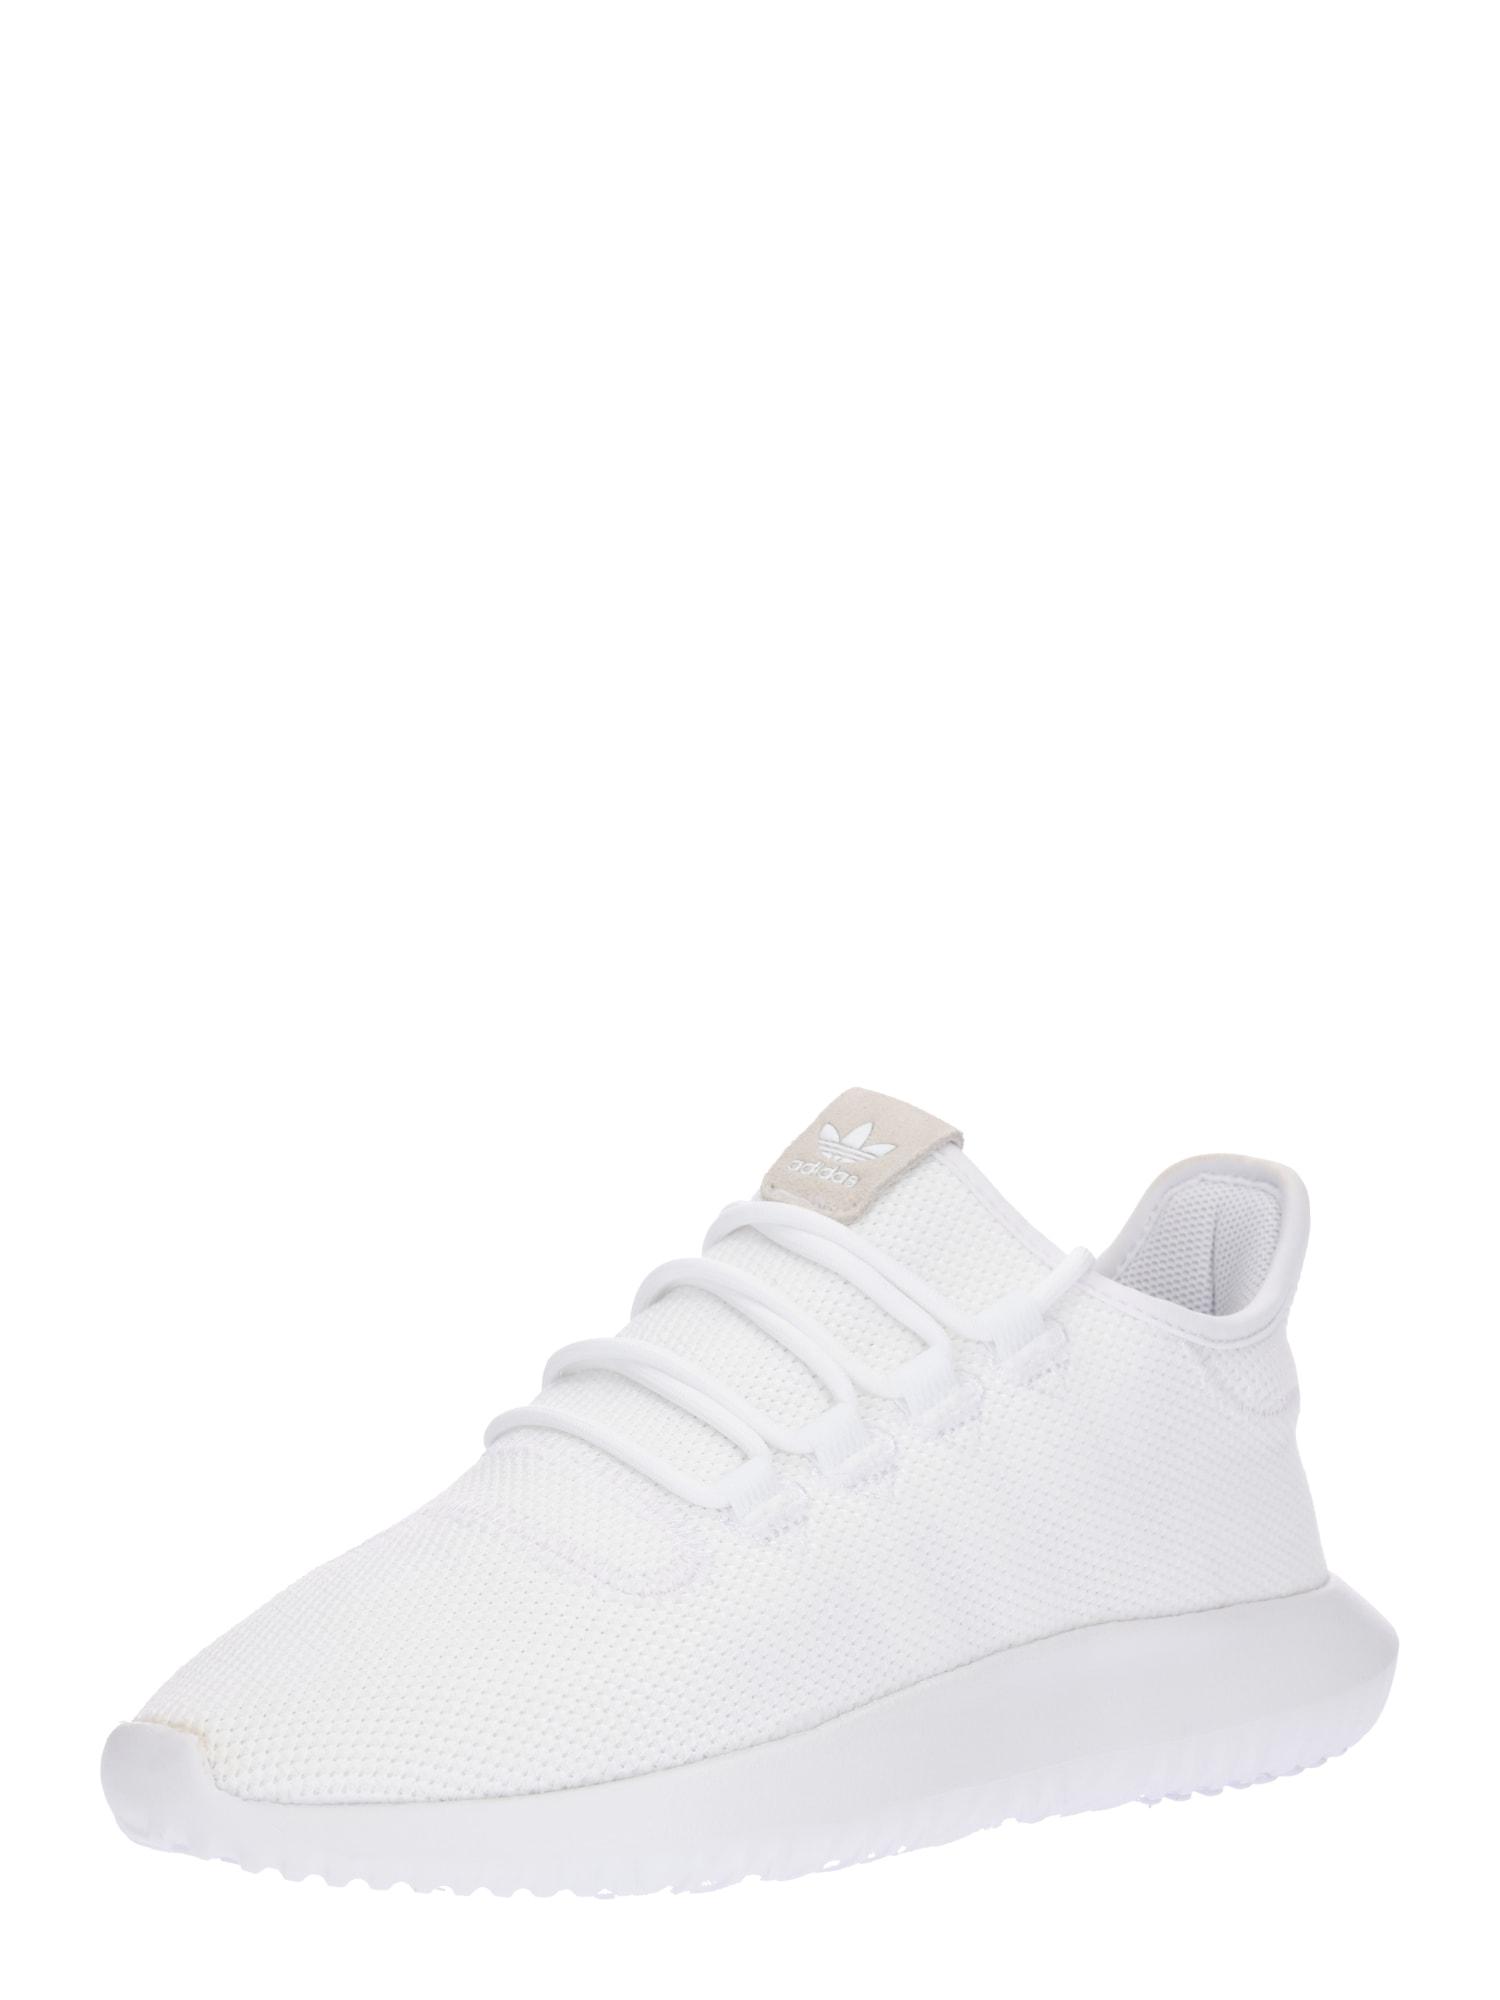 ADIDAS ORIGINALS, Heren Sneakers laag 'TUBULAR SHADOW', wit